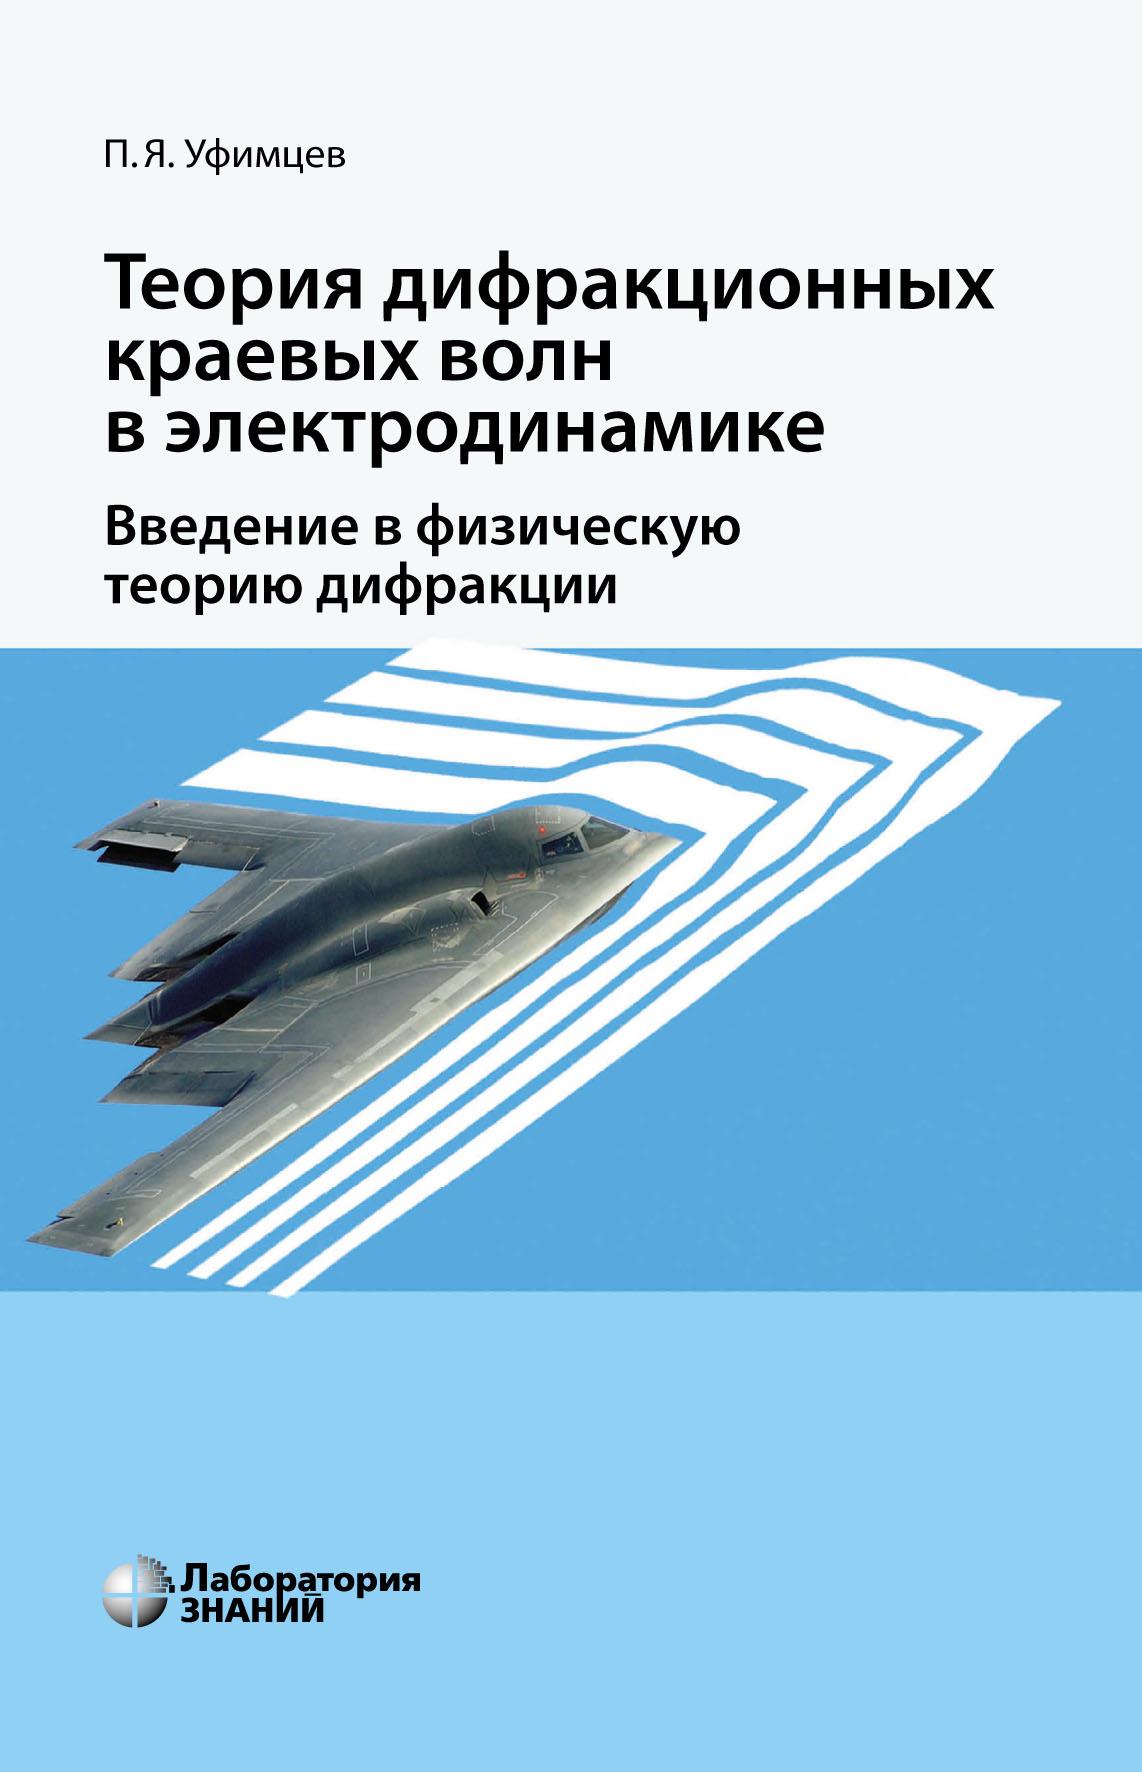 Теория дифракционных краевых волн в электродинамике. Введение в физическую теорию дифракции